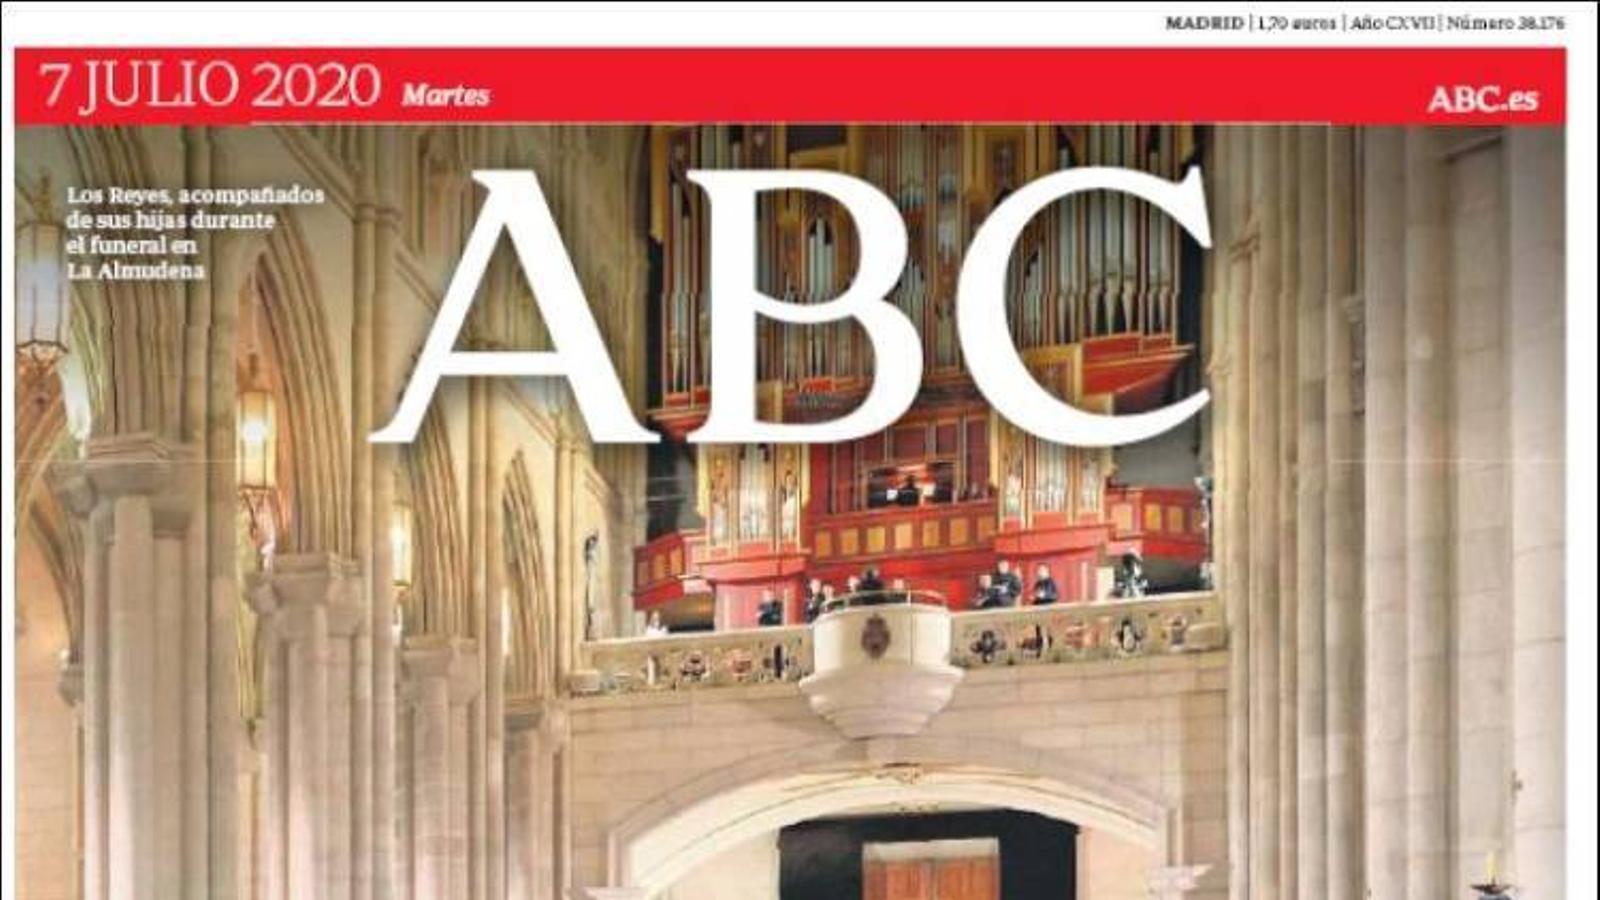 Portada de l'Abc, 7 de juliol del 2020